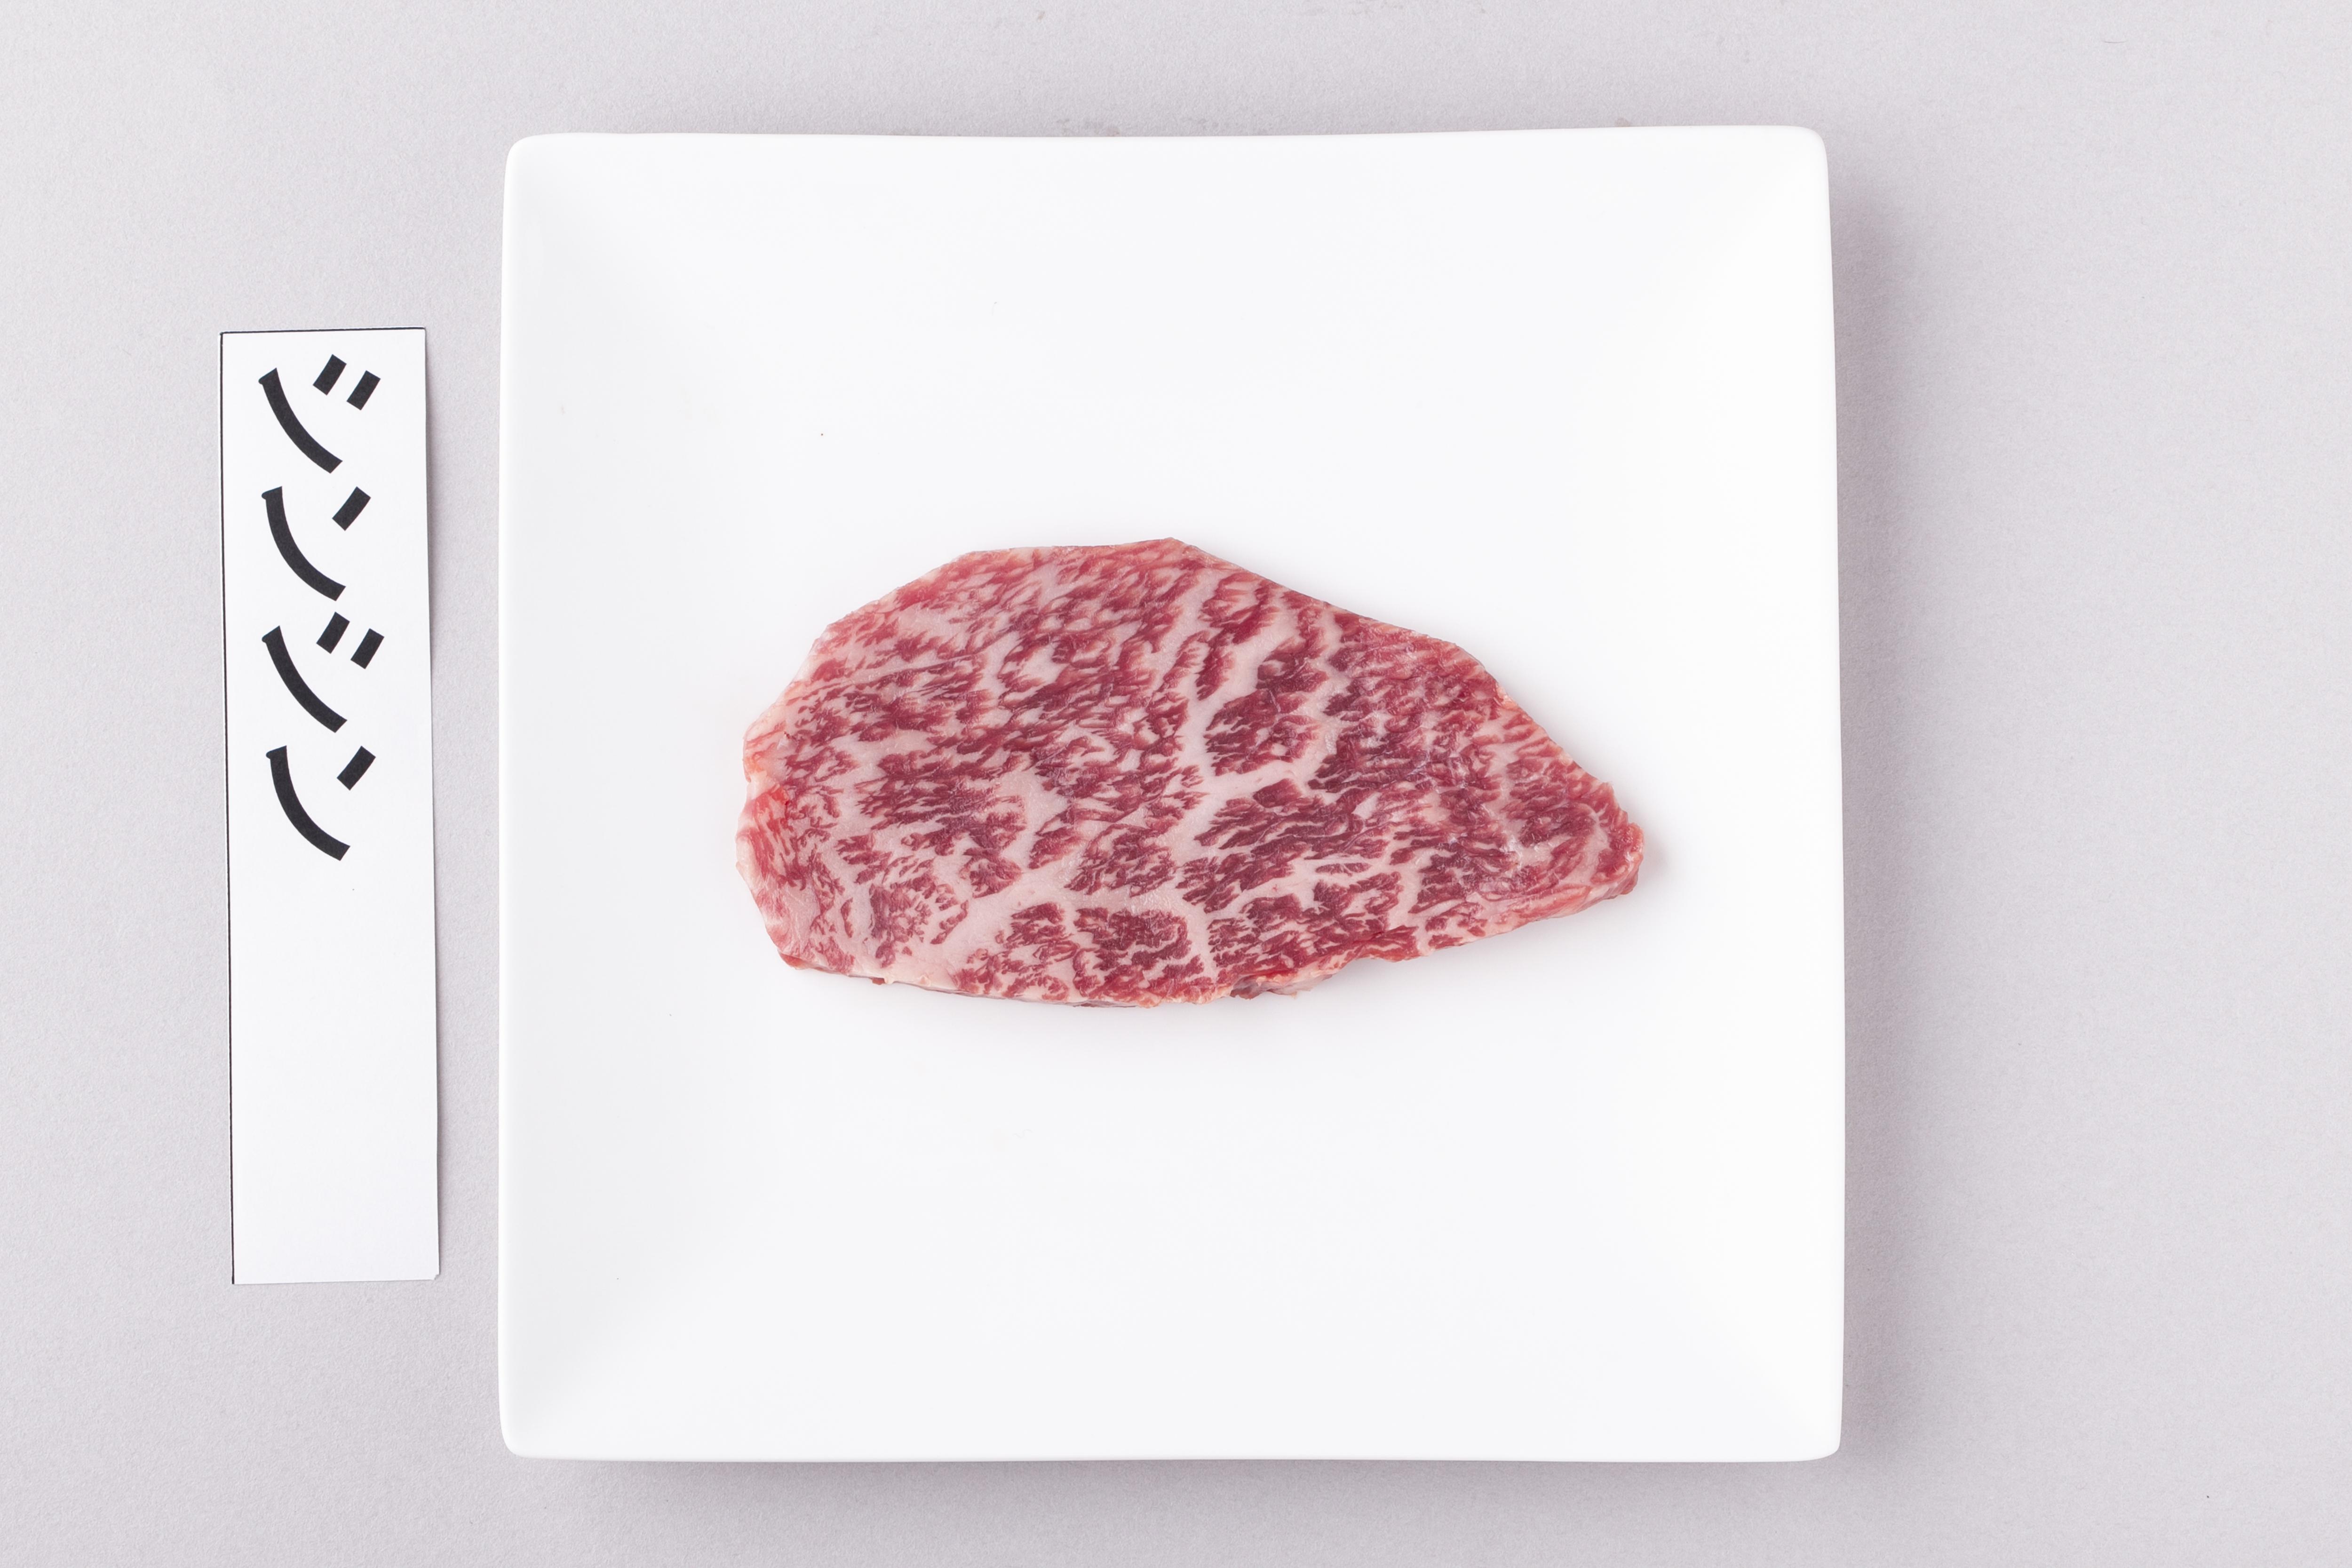 肉質がきめ細やかで、脂肪が少なく、弾力のある食感が特徴の「シンシン」。